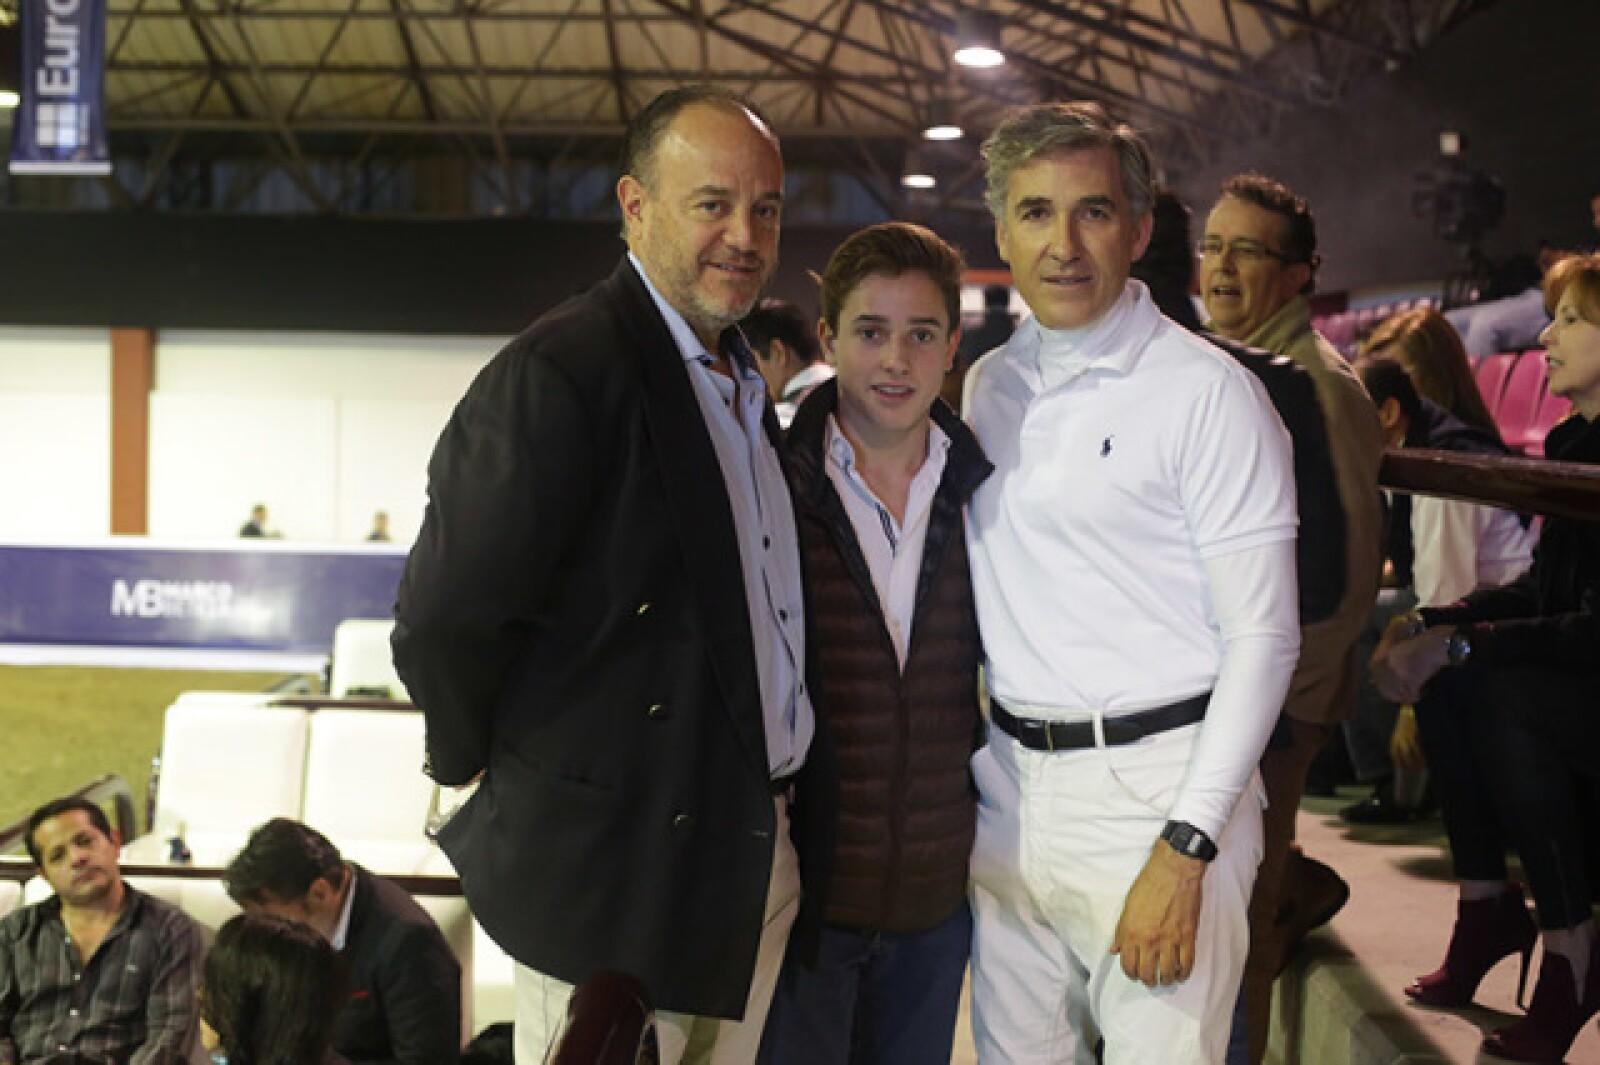 Juán Manuel Riego,Eugenio Riego y Guillermo Herrera